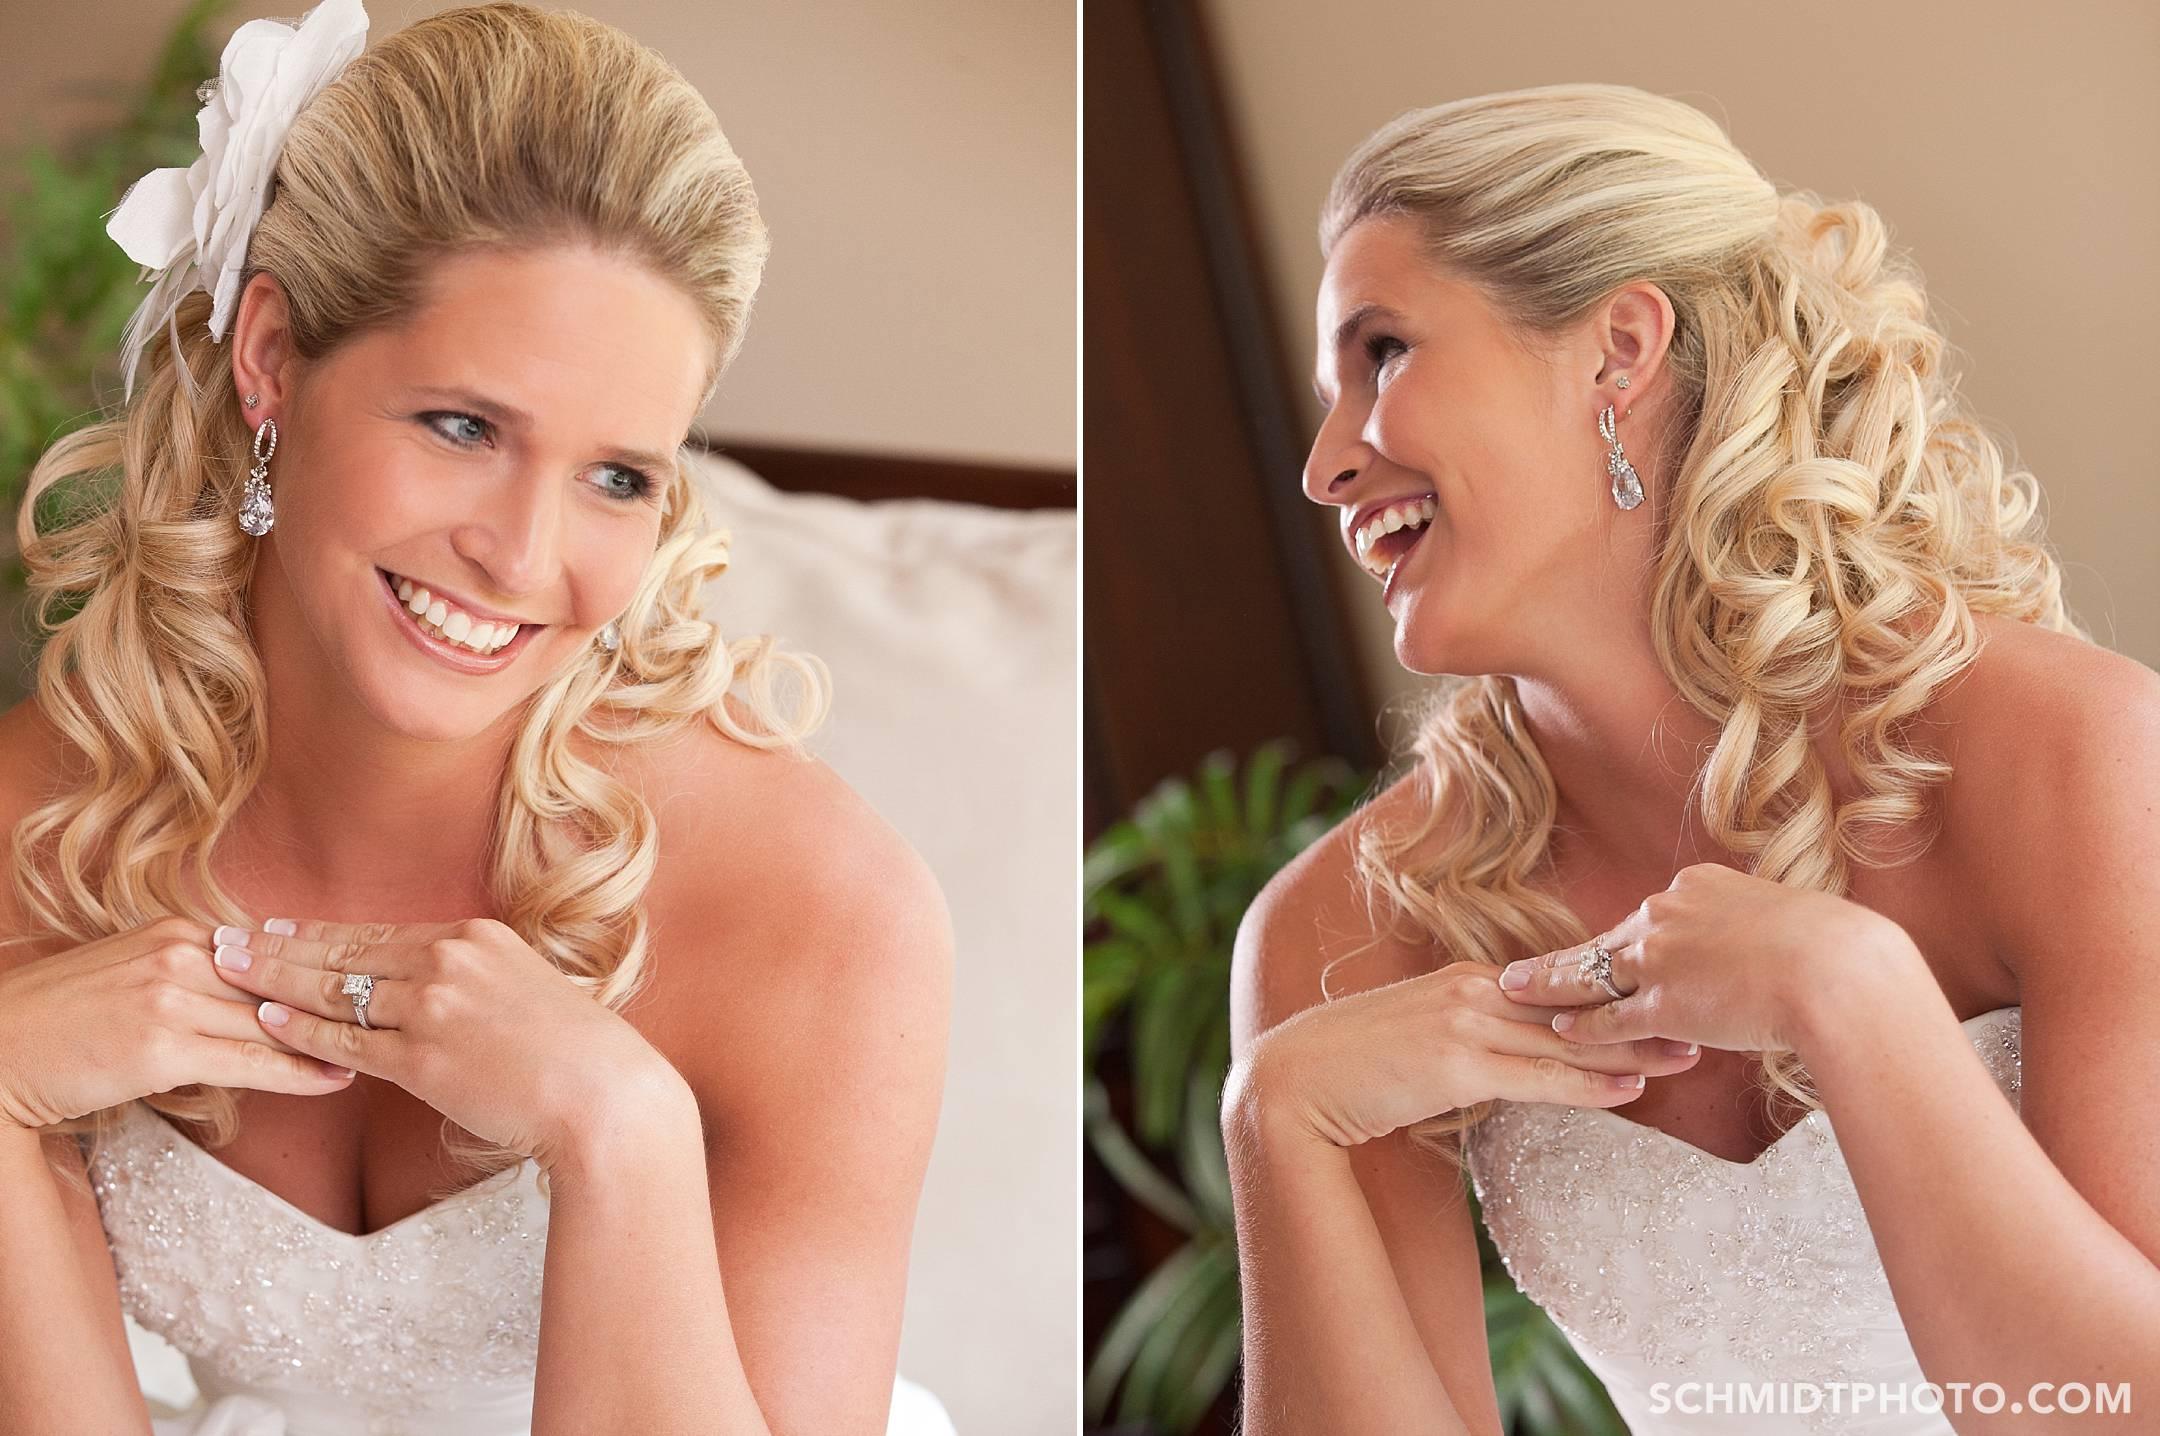 schmidt photo wedding photography in chicago brides fine art